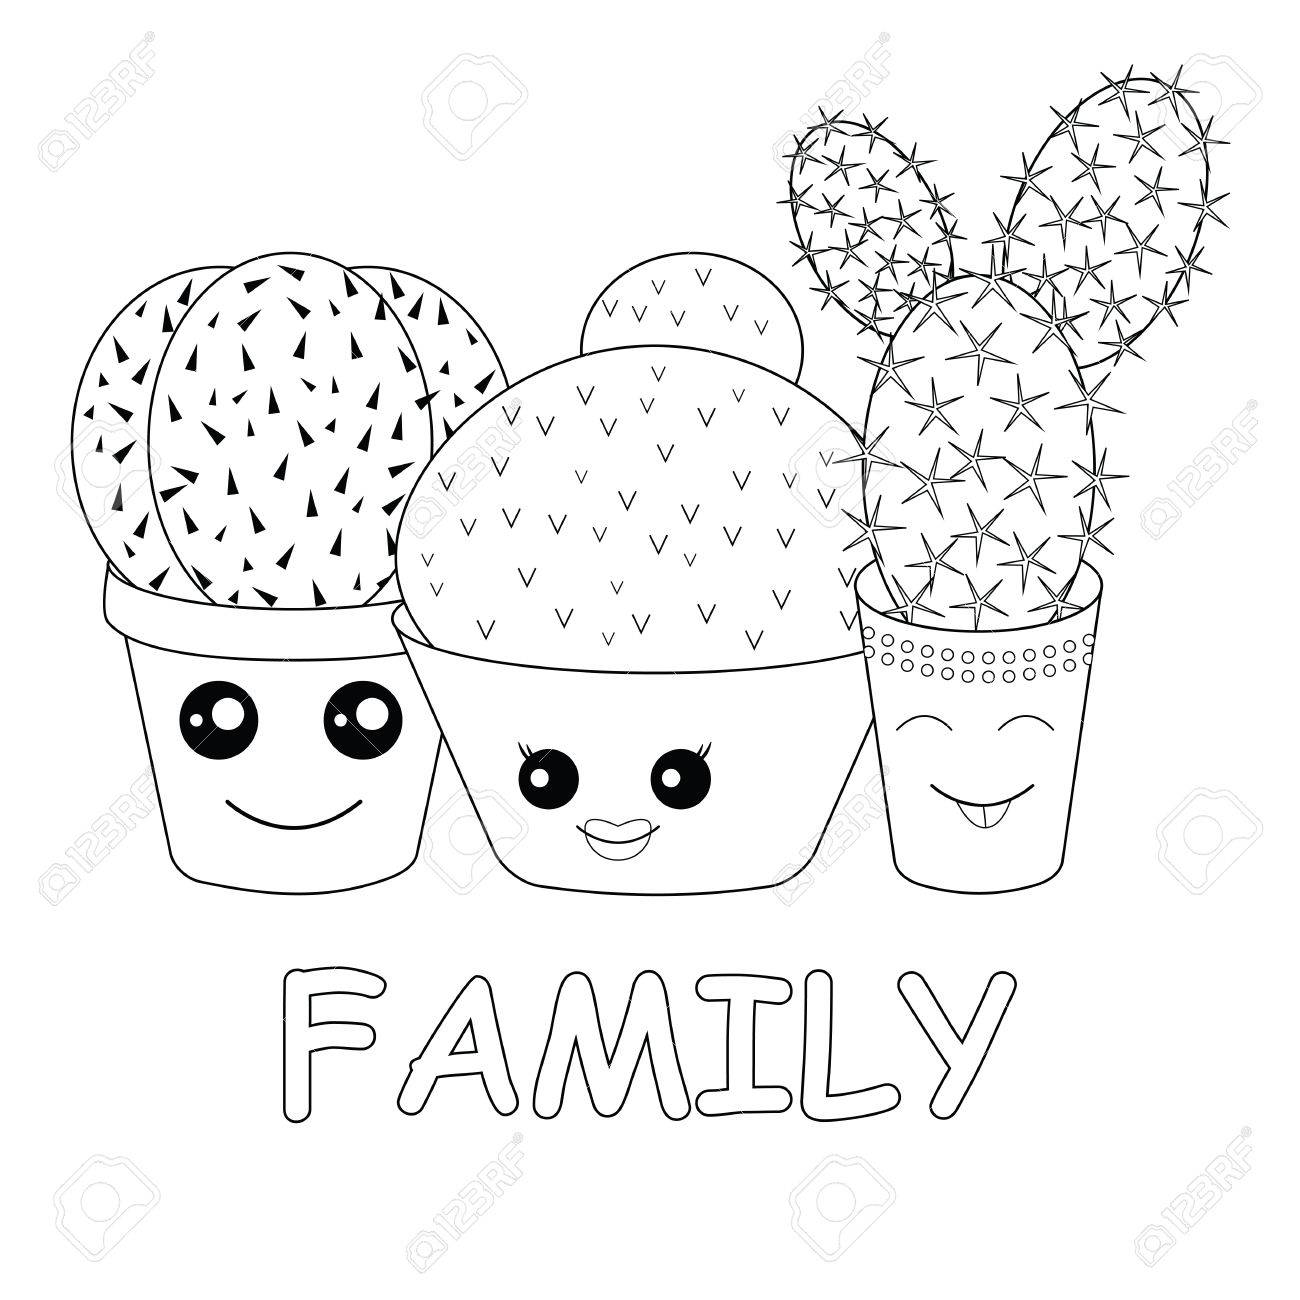 Colorear Con La Página Cactuscoloringhilarious Familia De Cactus Sobre Un Fondo Blancocádate Kawaii Cactus Sonriente Bebé Y Estilo De Los